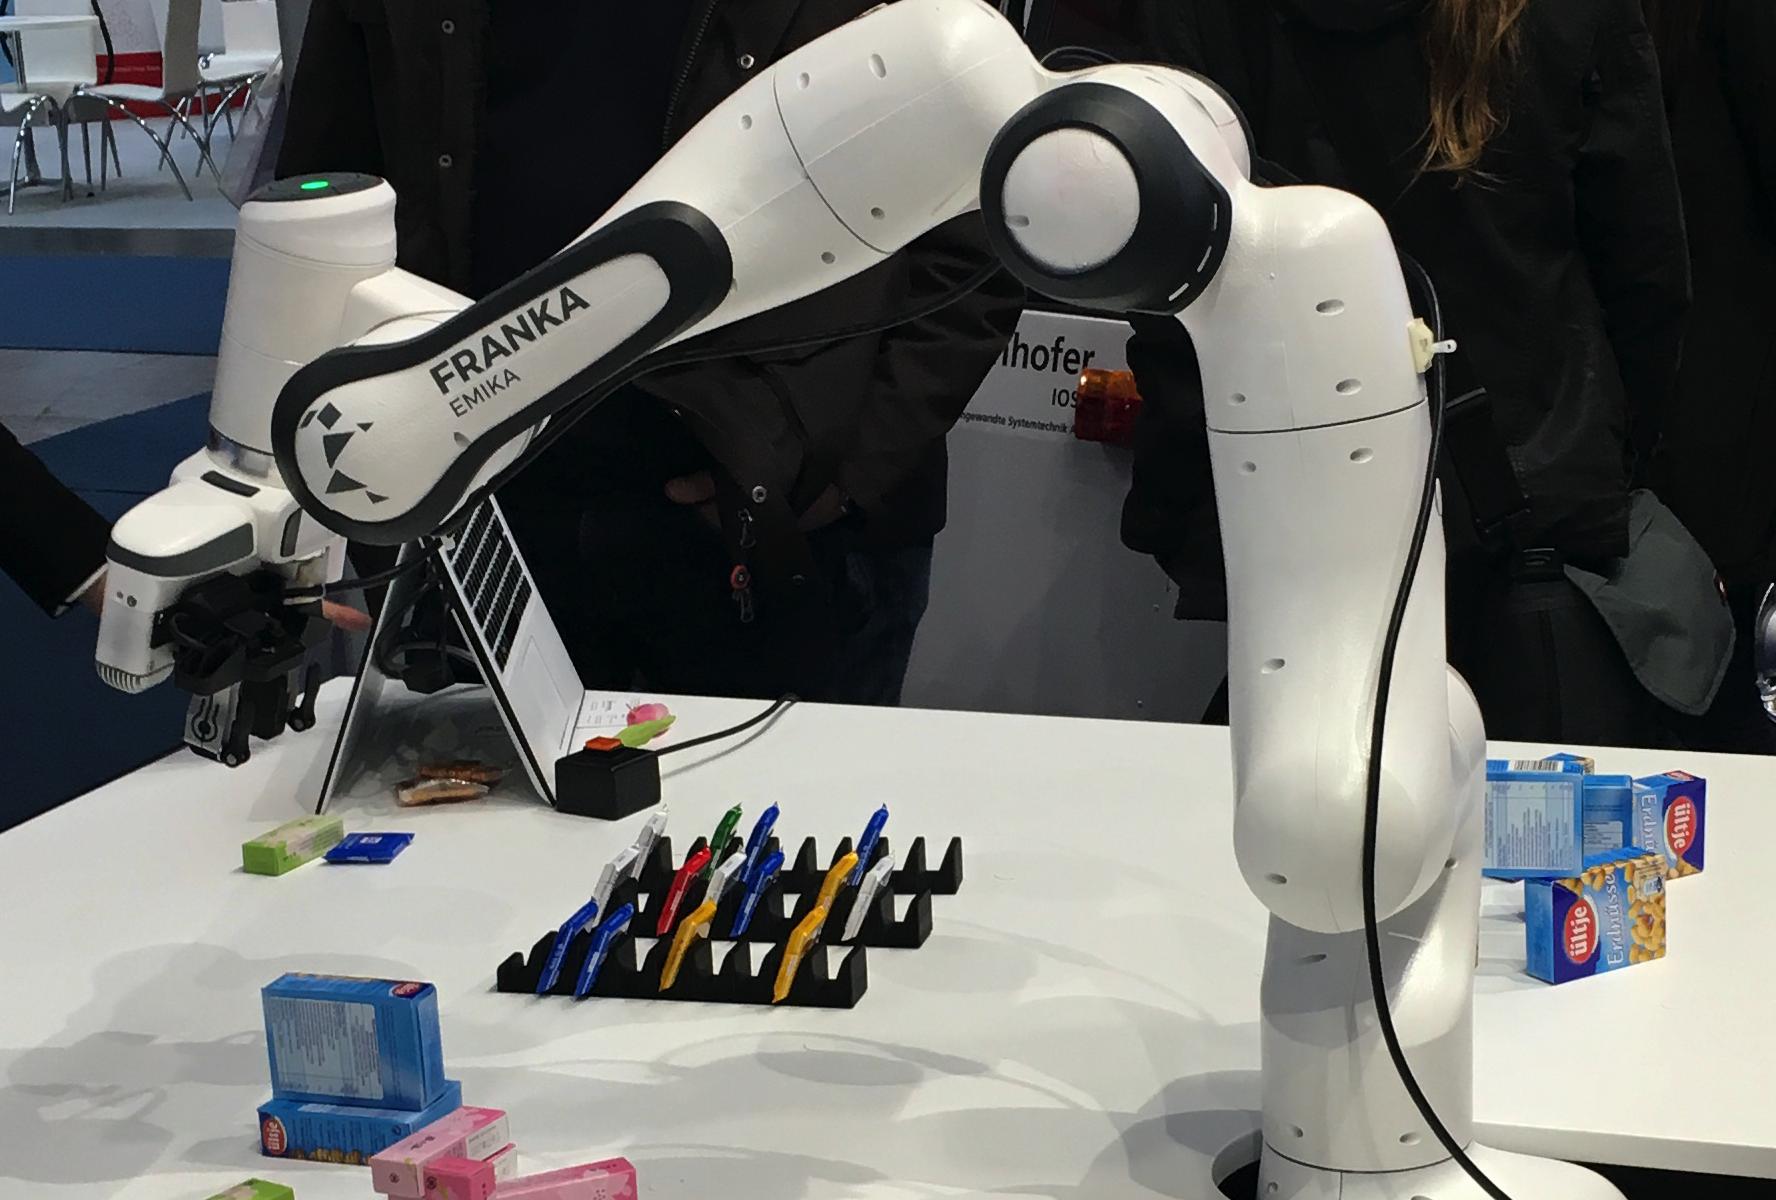 Franka Roboter